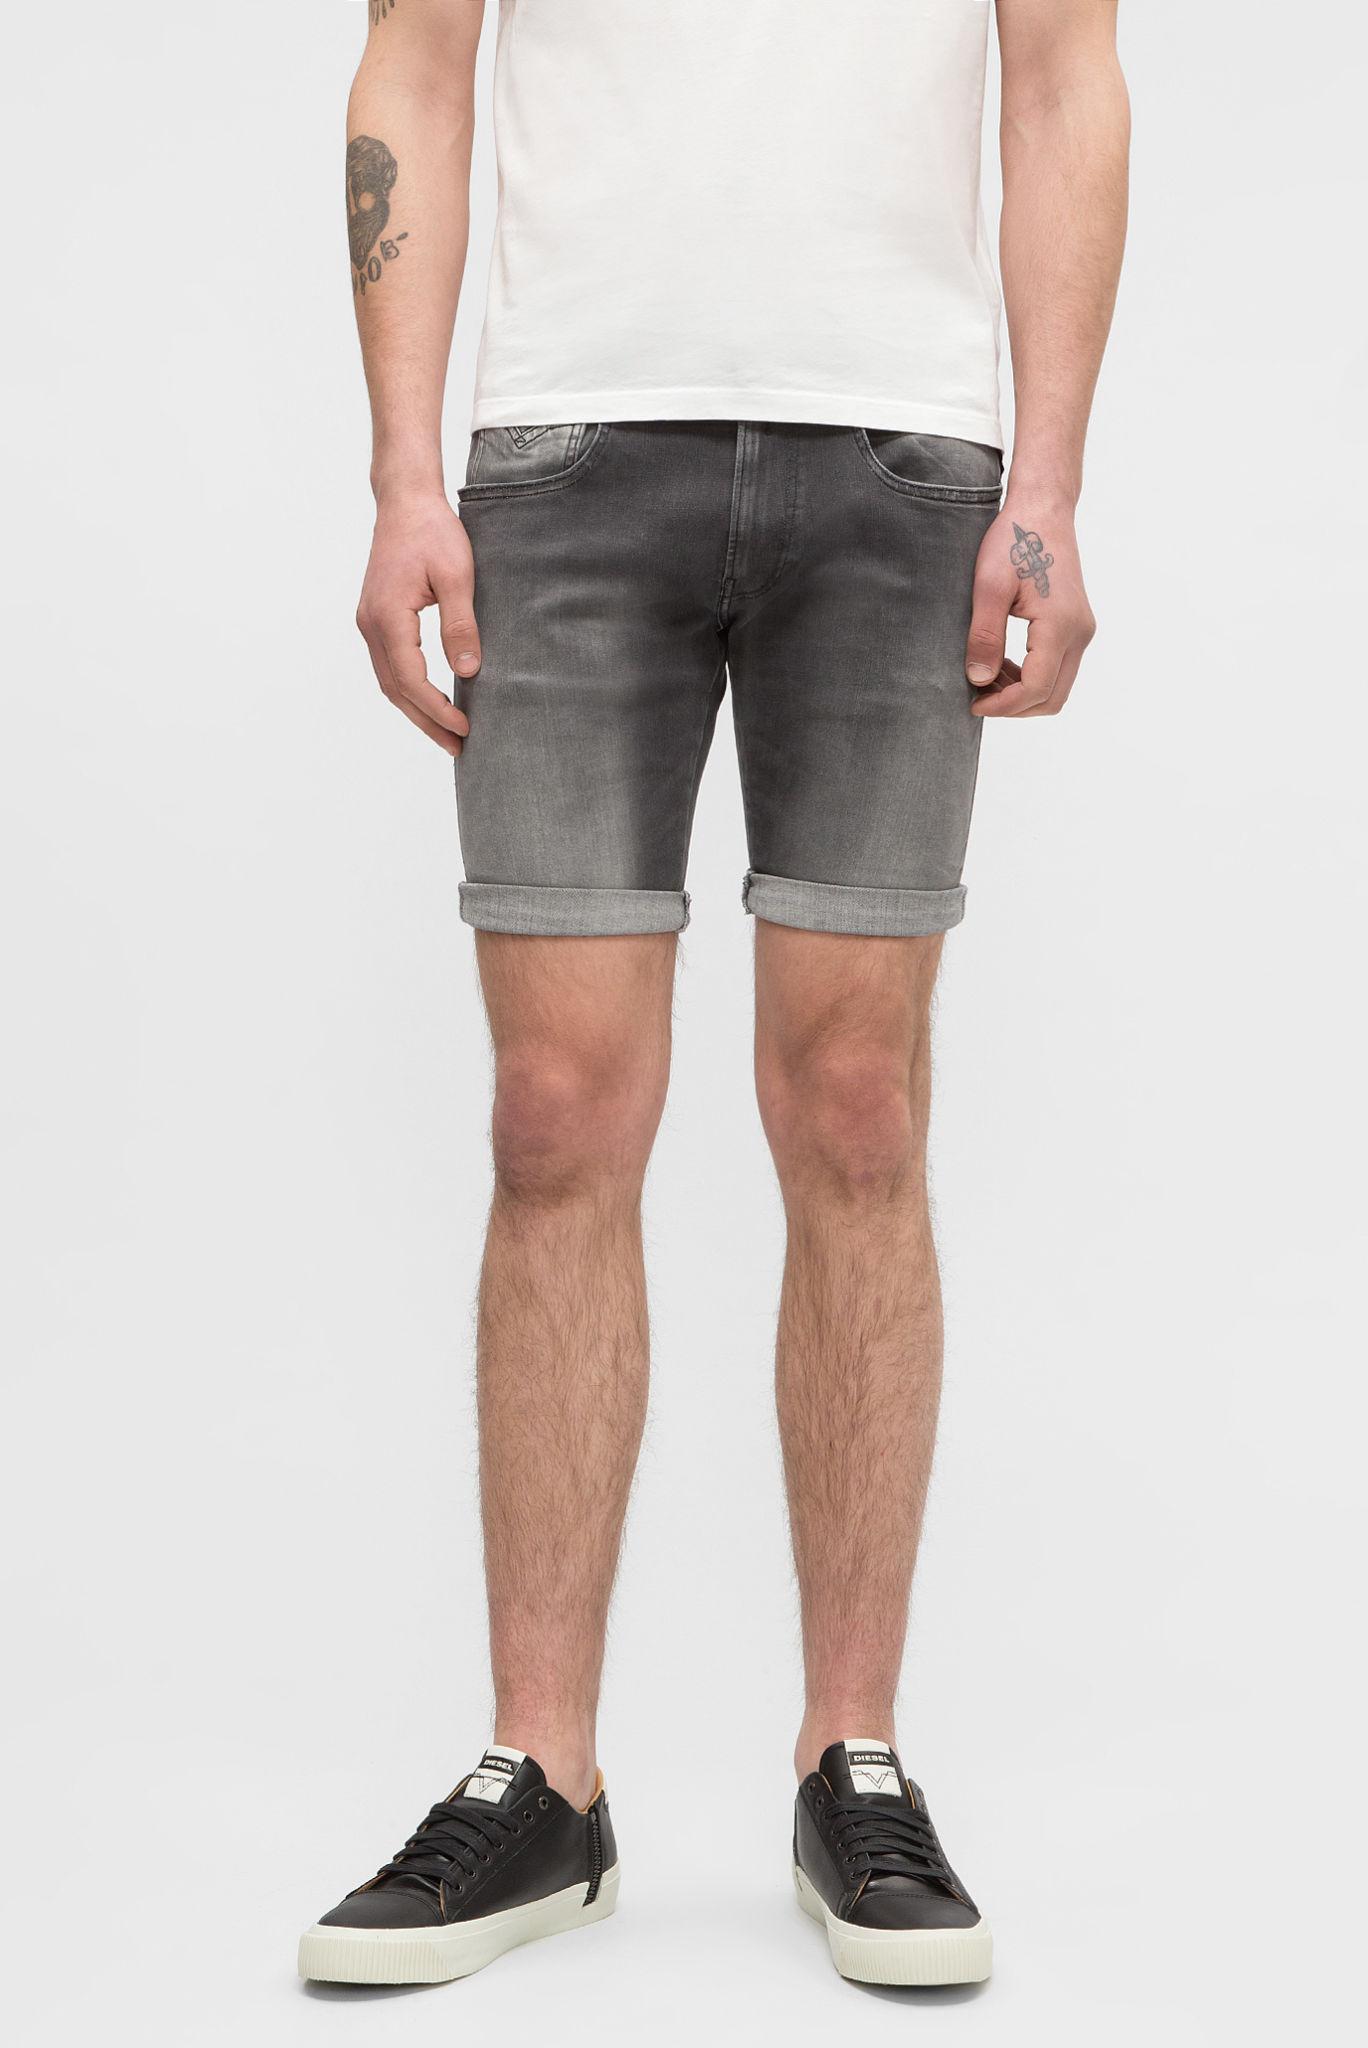 мужская мода весна 2019 основные тенденции: серые джинсовые шорты короткие